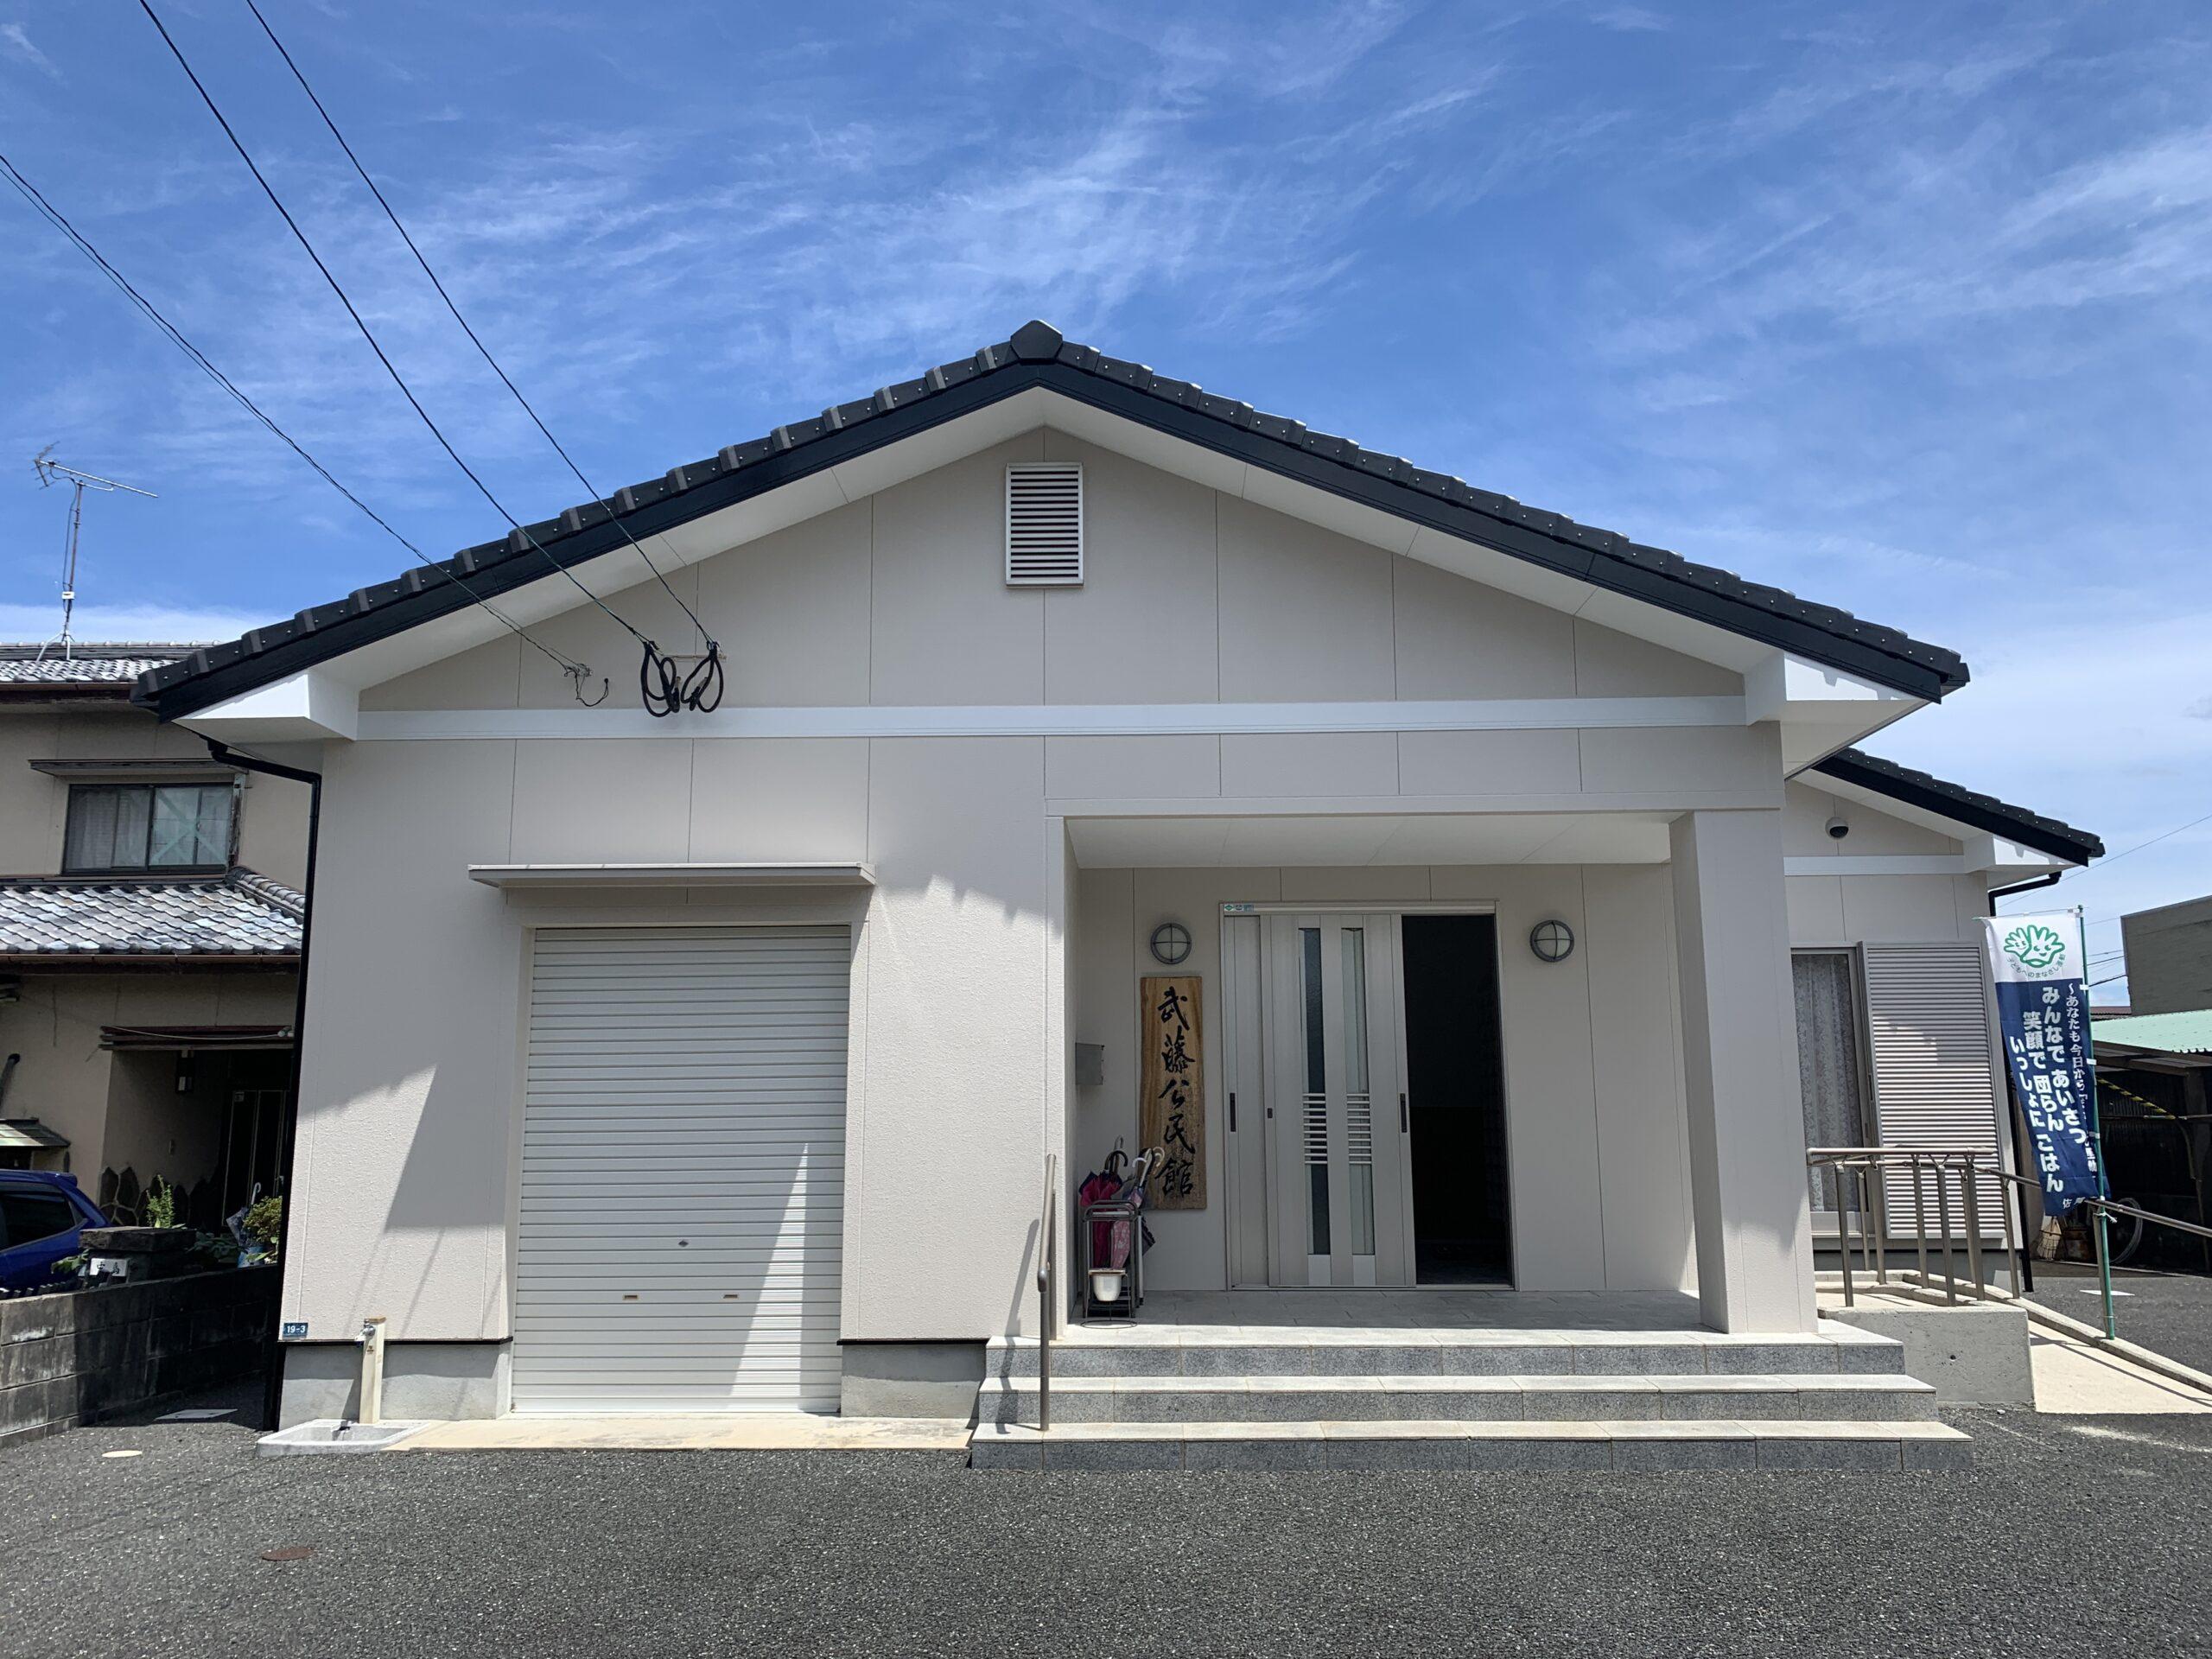 佐賀市 外壁塗装 塗るばい